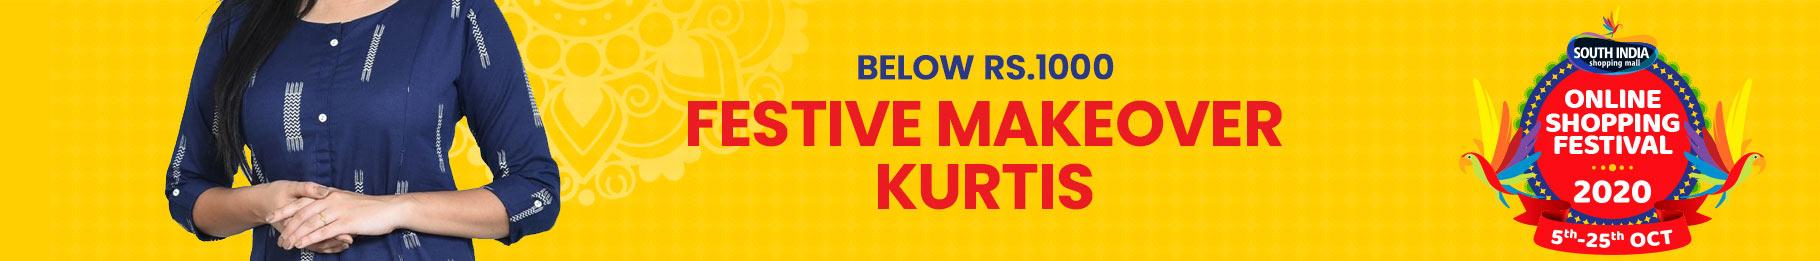 Kurtis Below Rs 1000